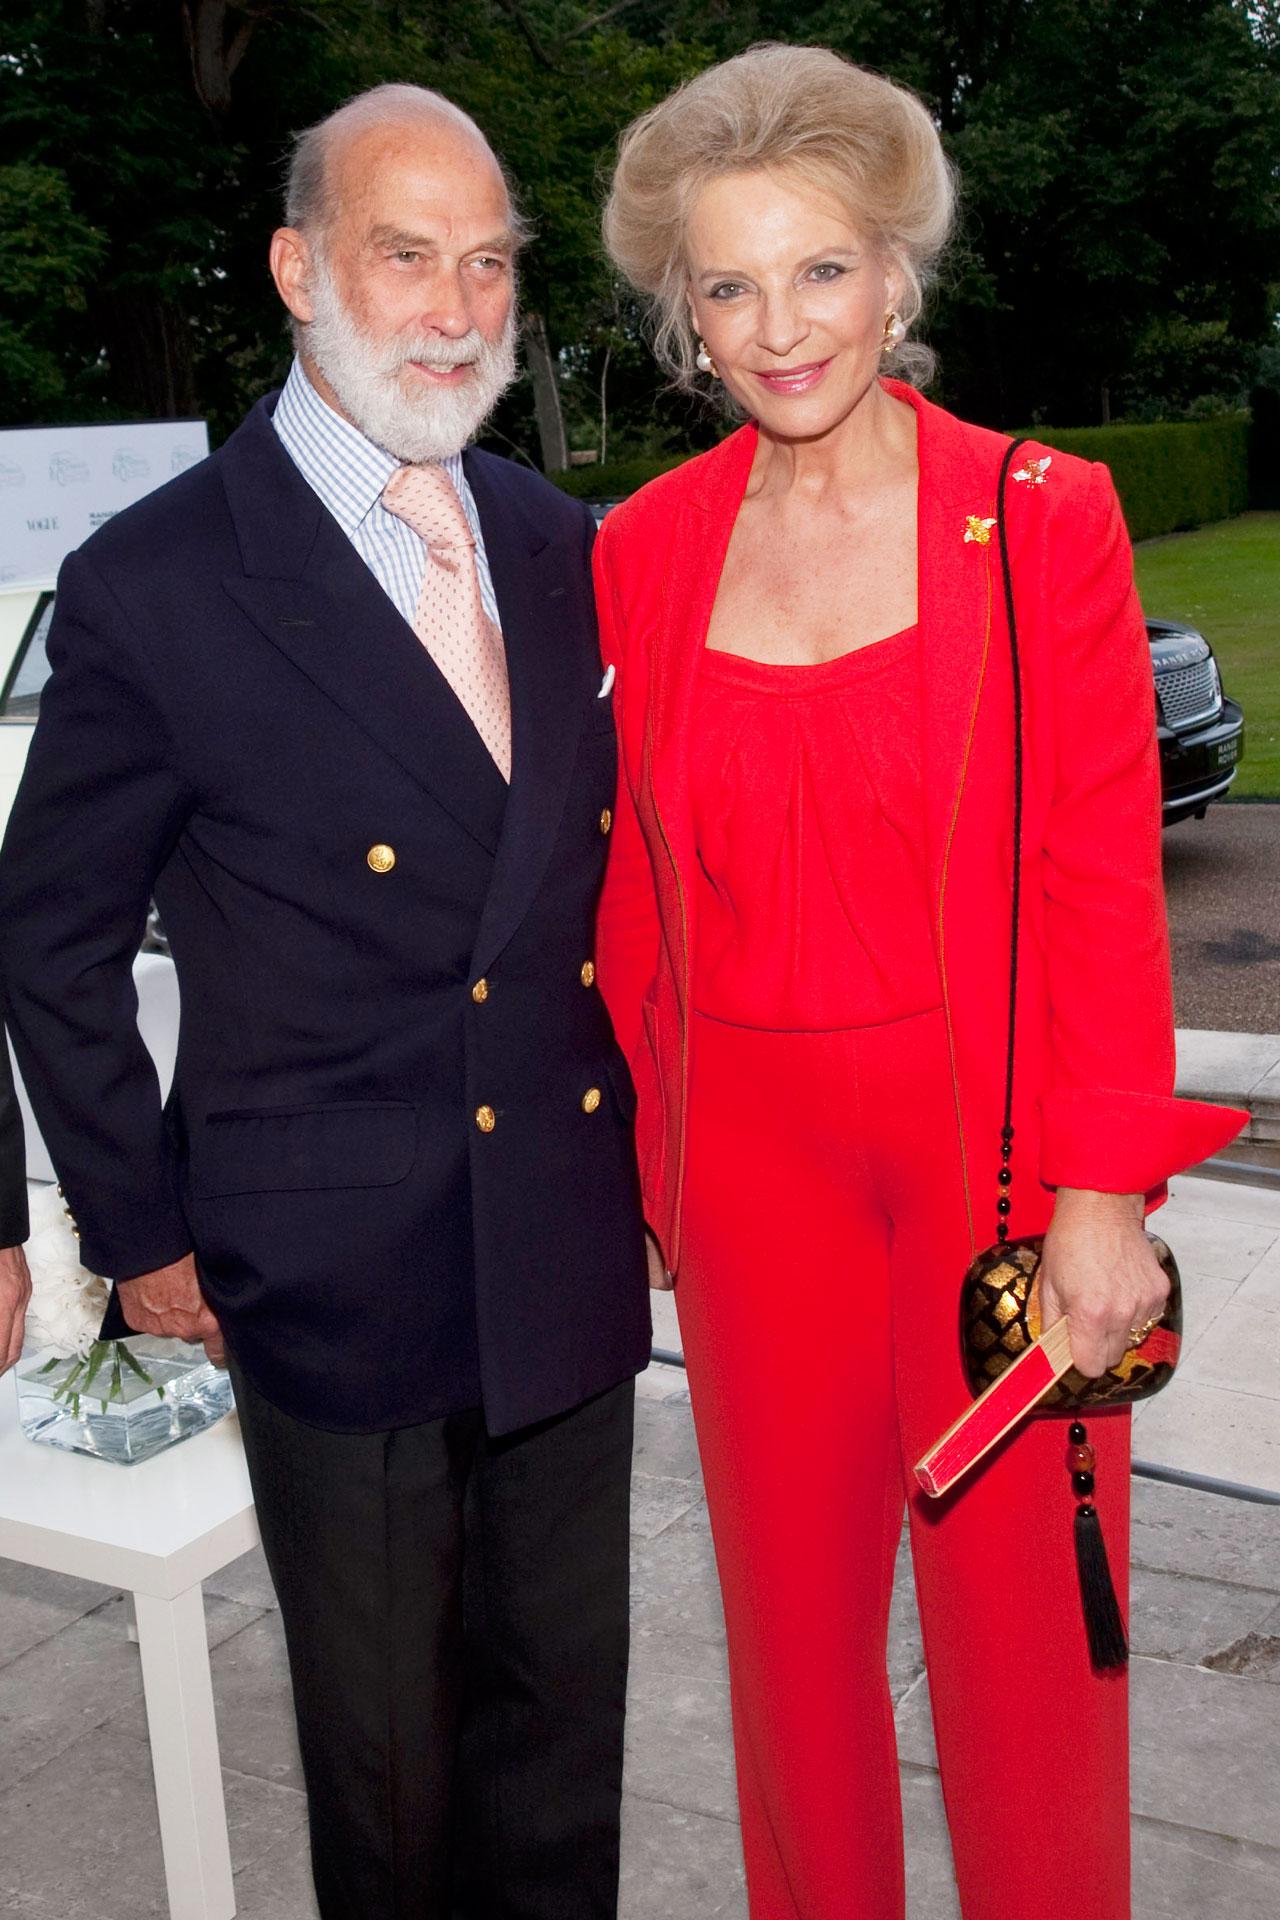 La famiglia reale britannica in vacanza a Capri e tradizionale the in piazzetta